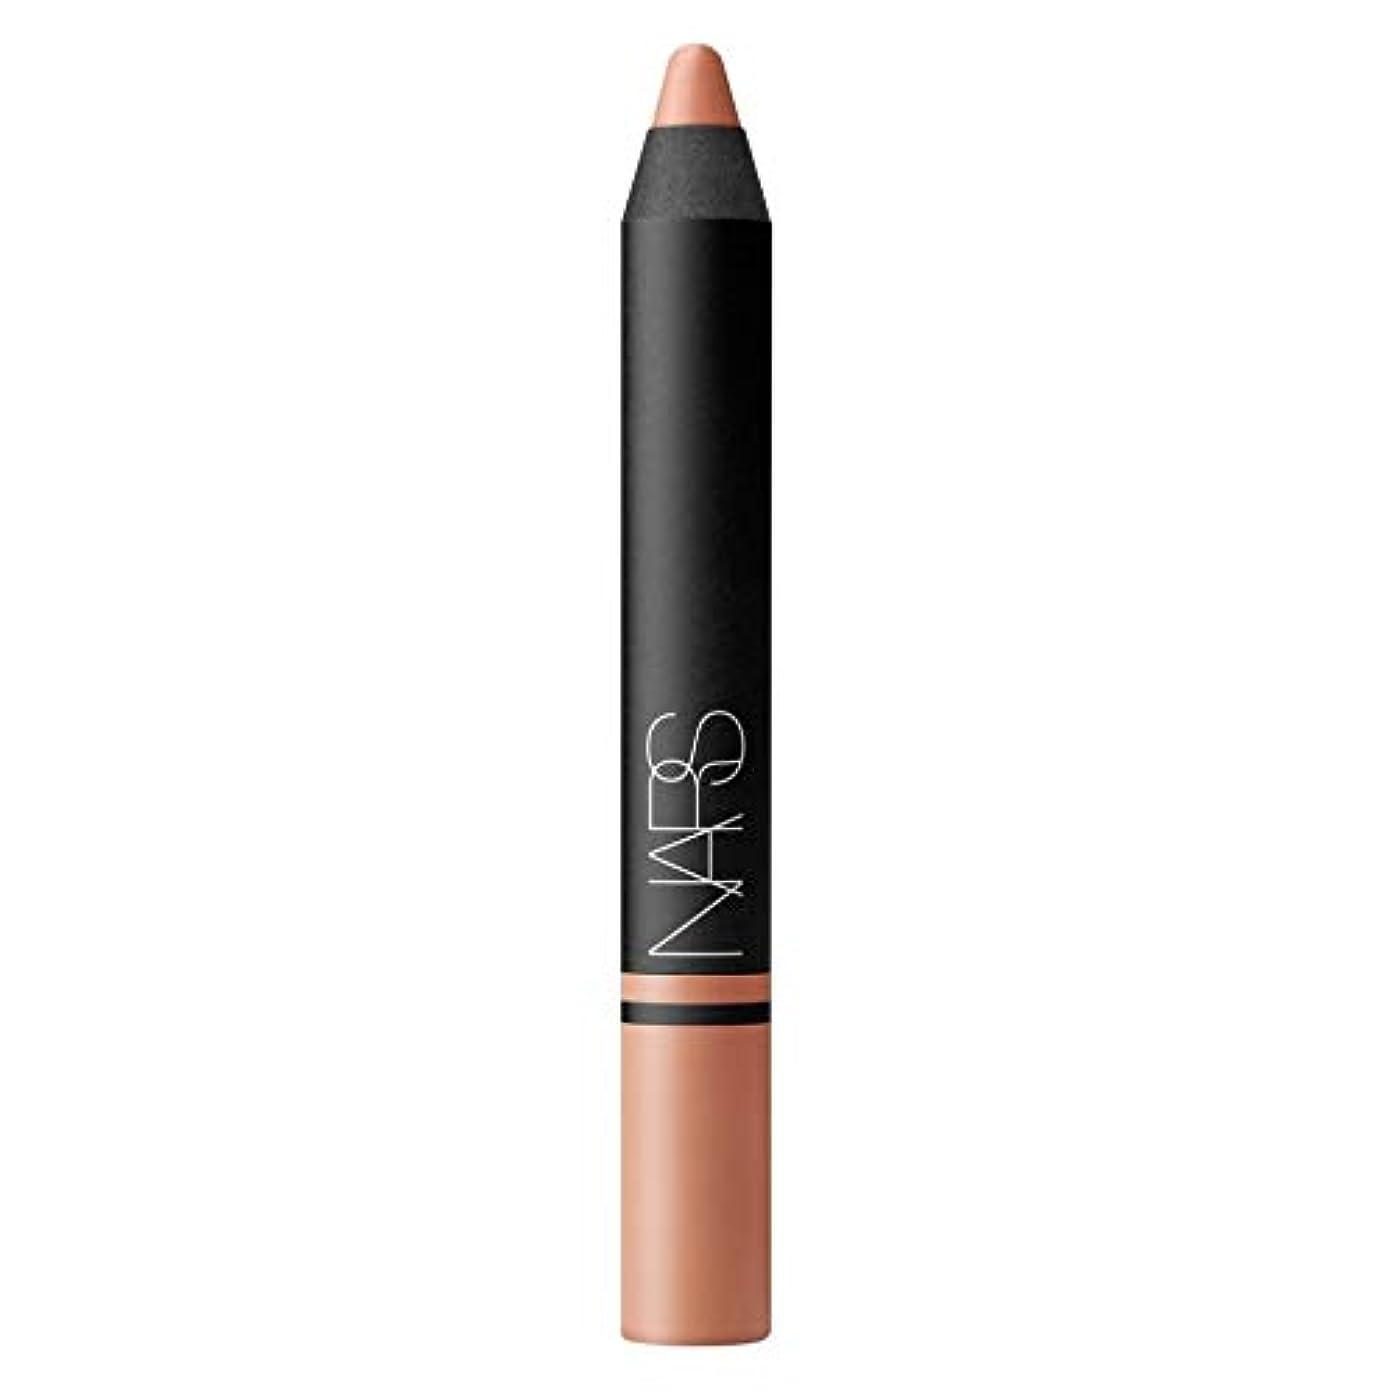 マークダウンピケゲージ[NARS] ビスケーン公園でのNarサテンリップペンシル - Nars Satin Lip Pencil in Biscayne Park [並行輸入品]